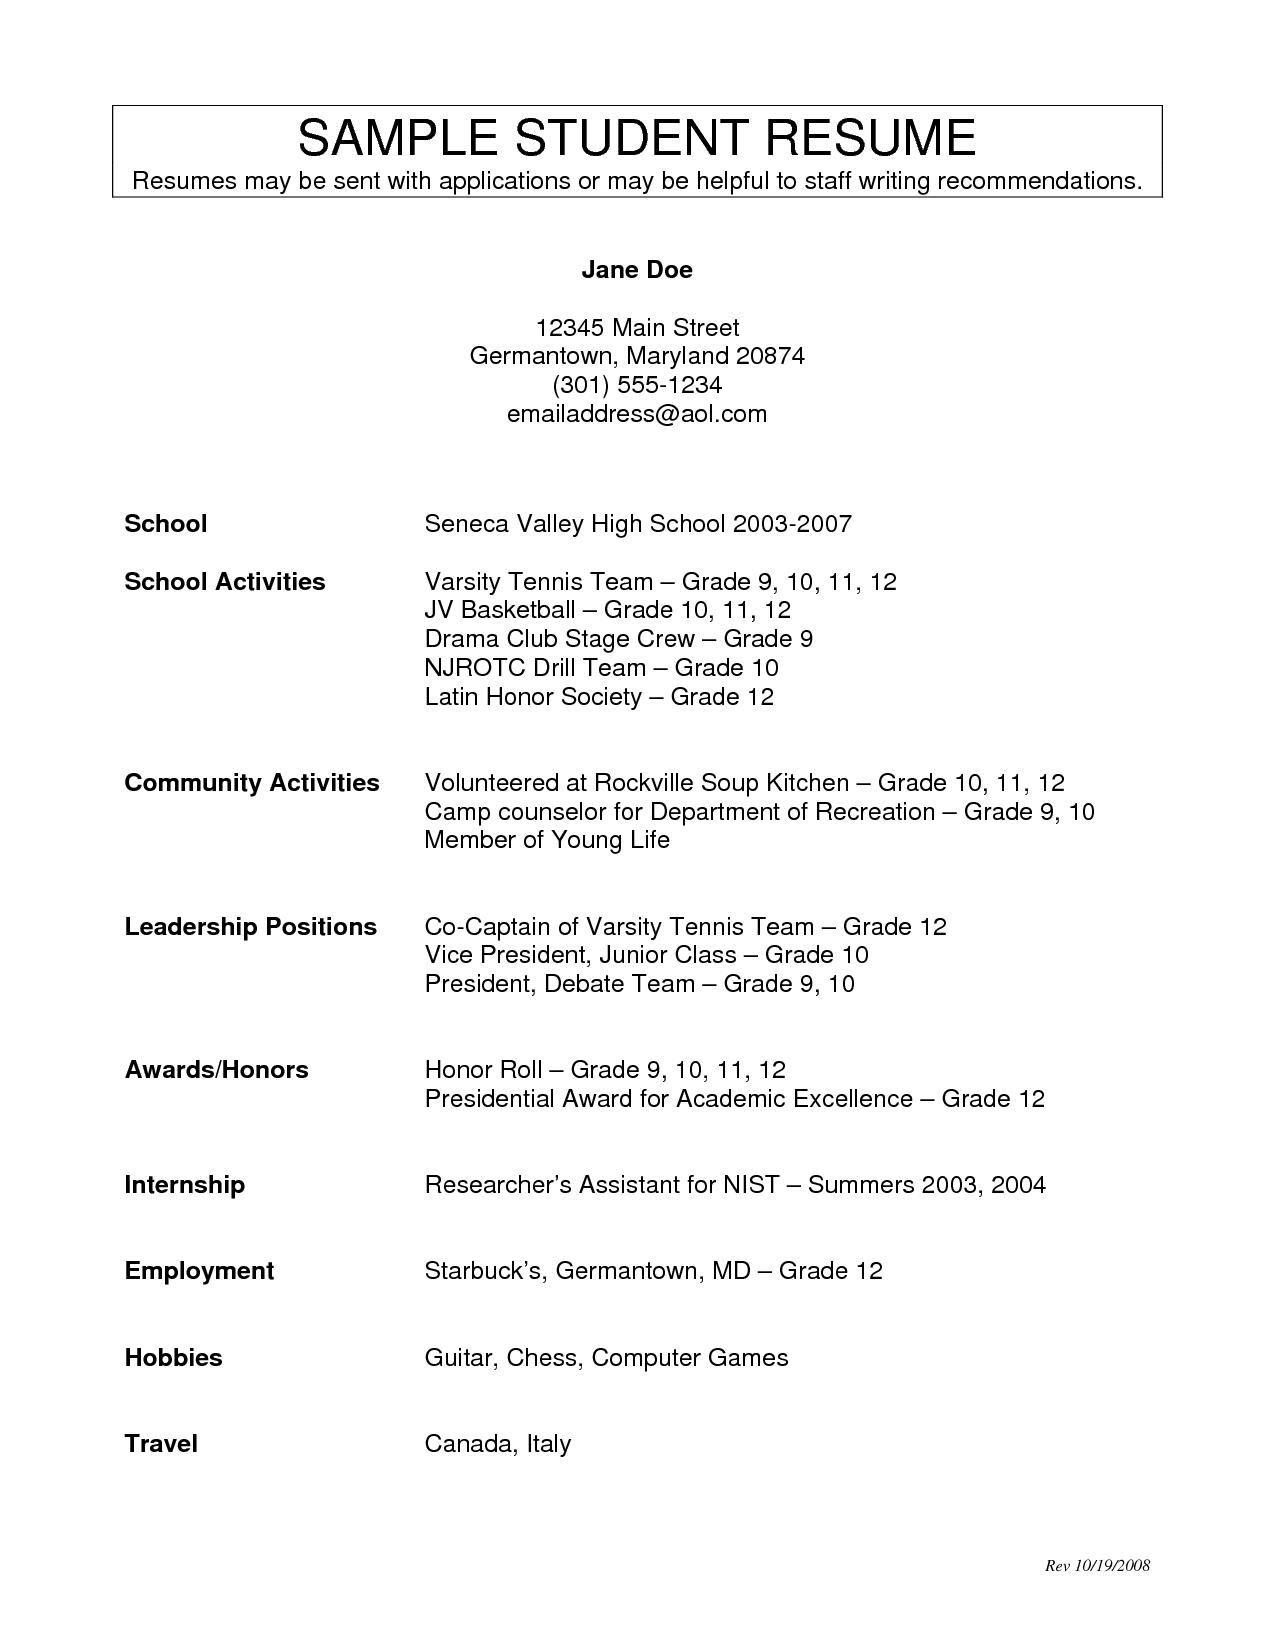 High School Activities Resume